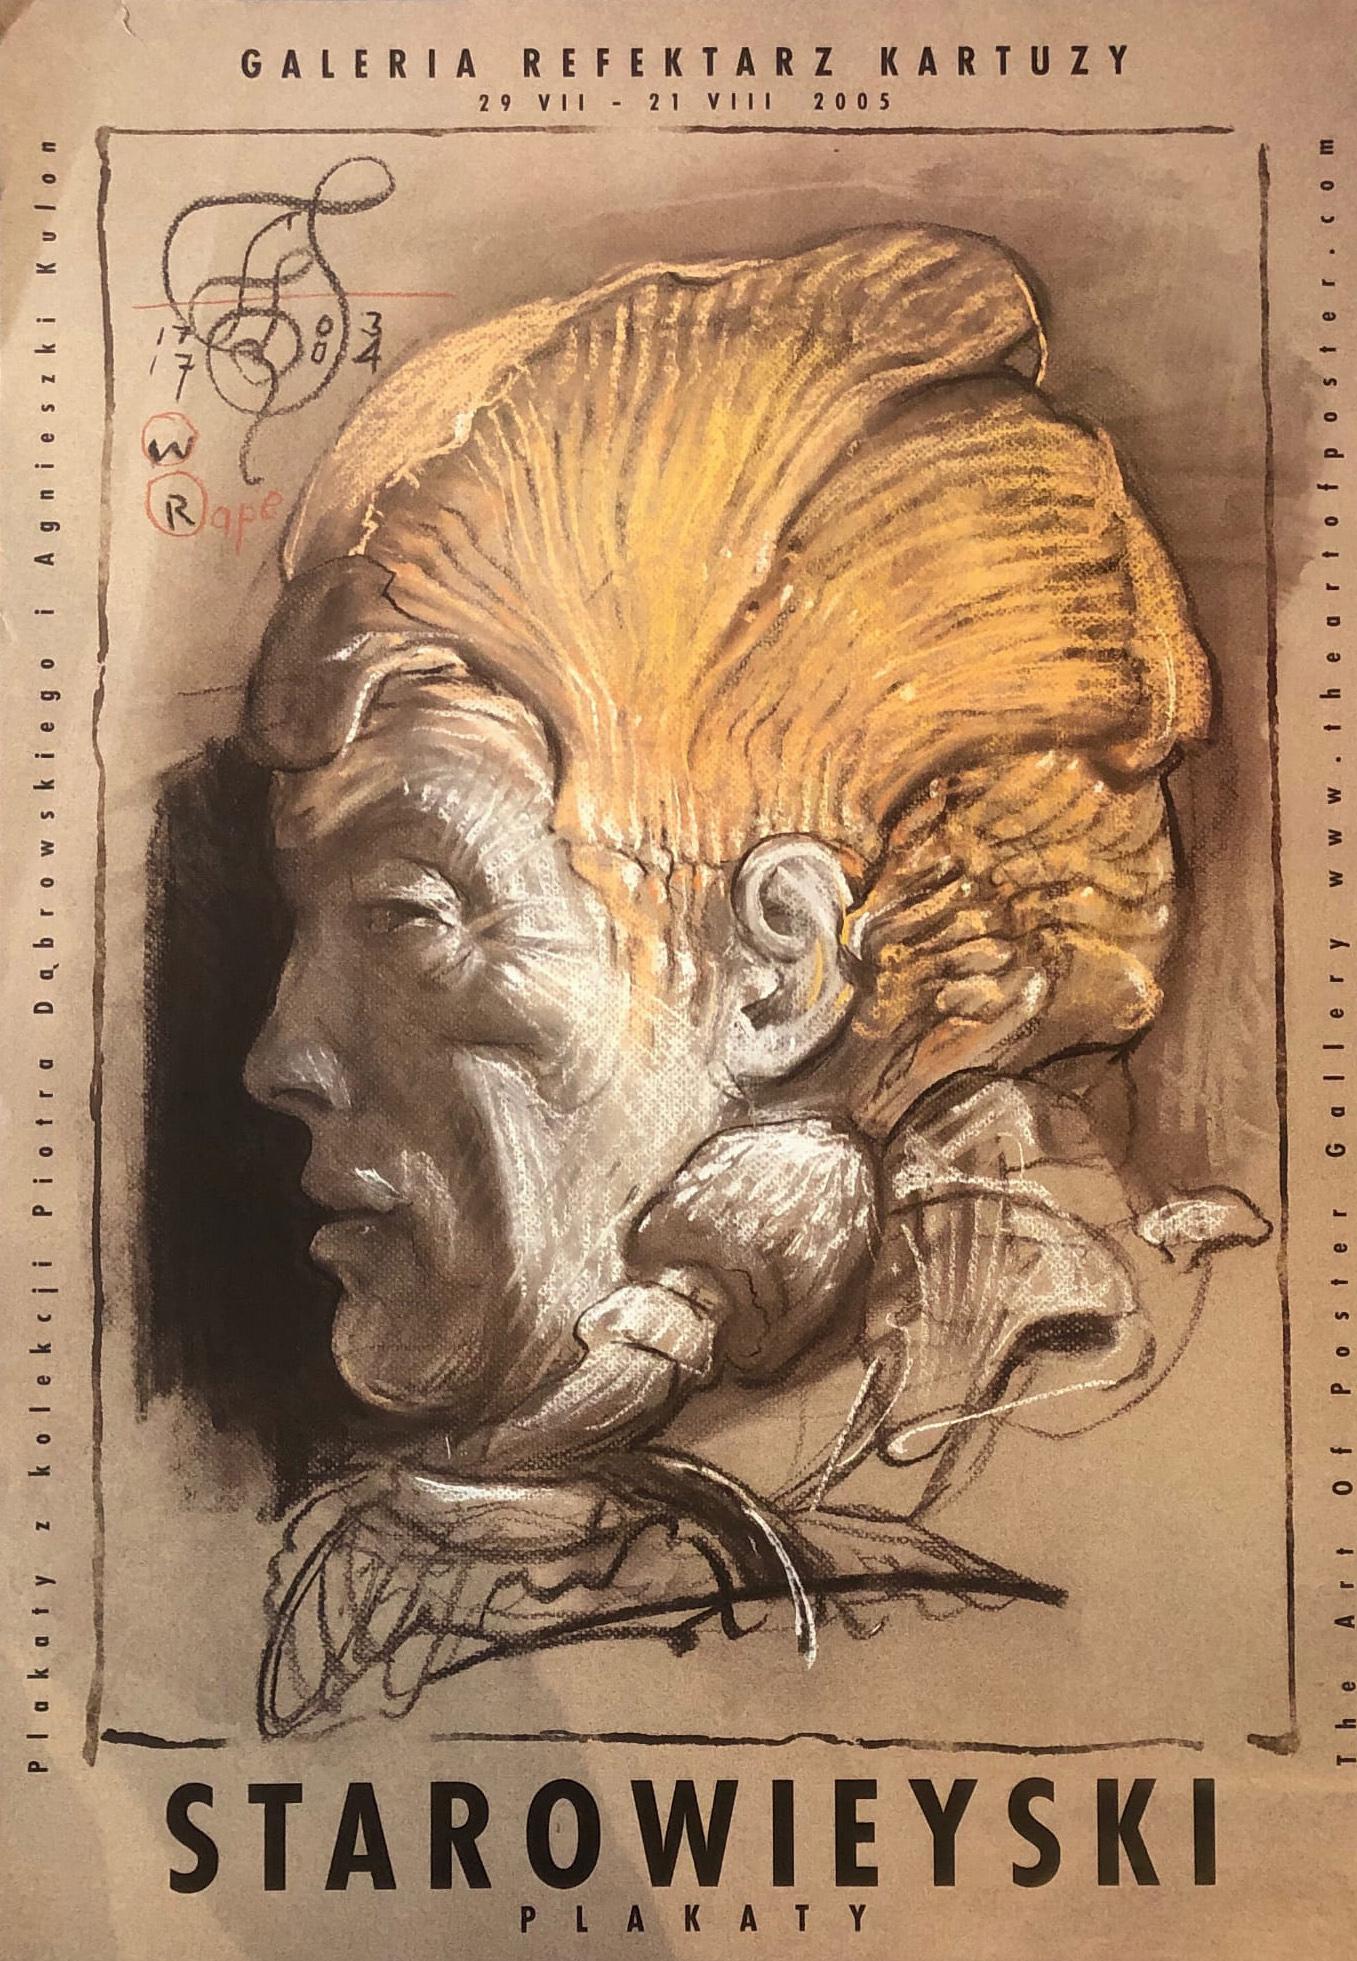 Franciszek Starowieyski - Poster Design